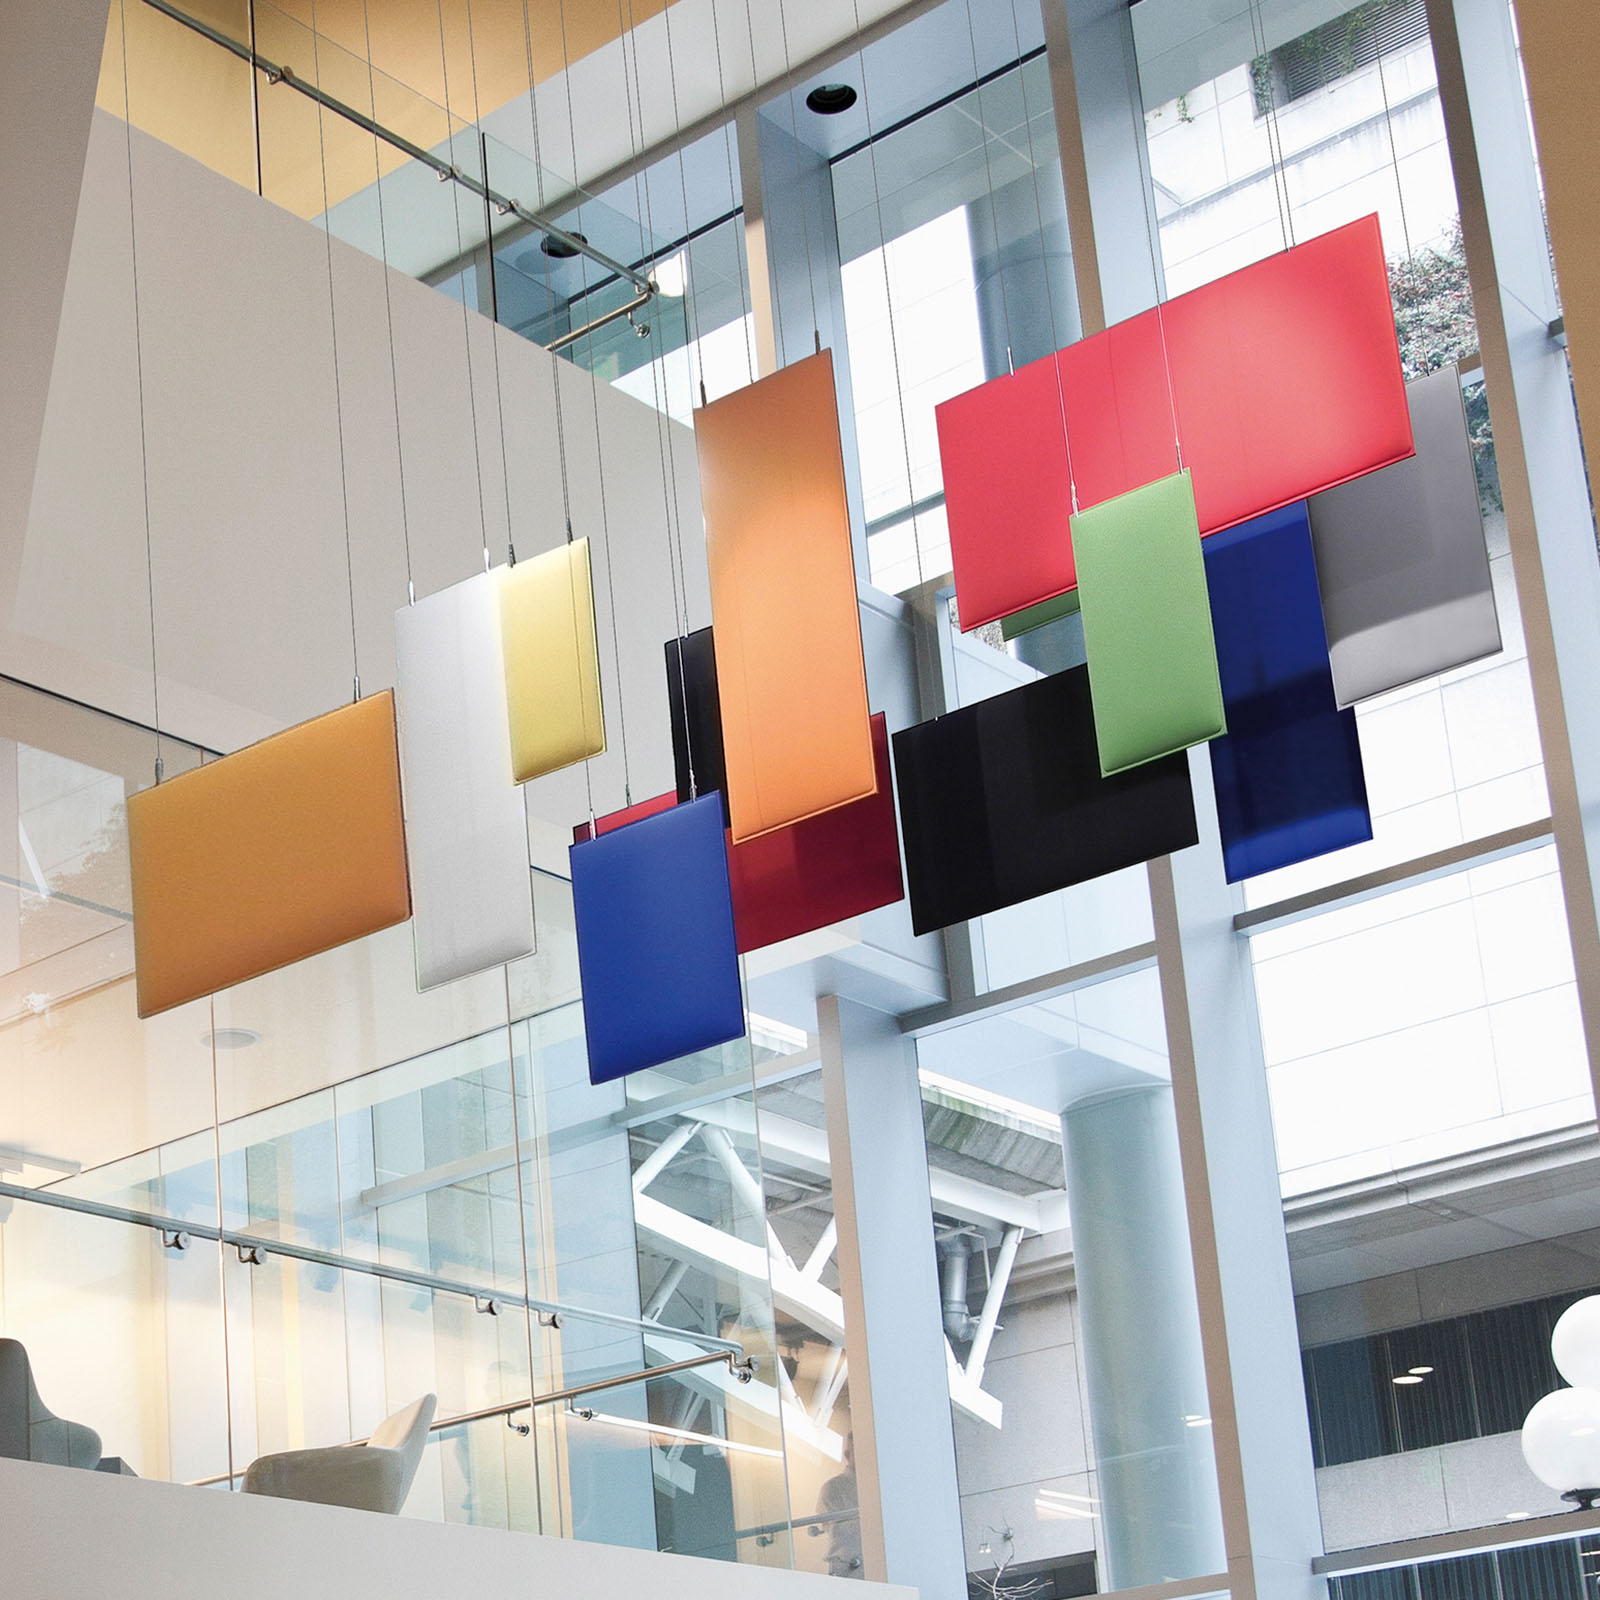 CAIMI Caimi Baffle Ceiling - Gamme de panneaux acoustiques plafond